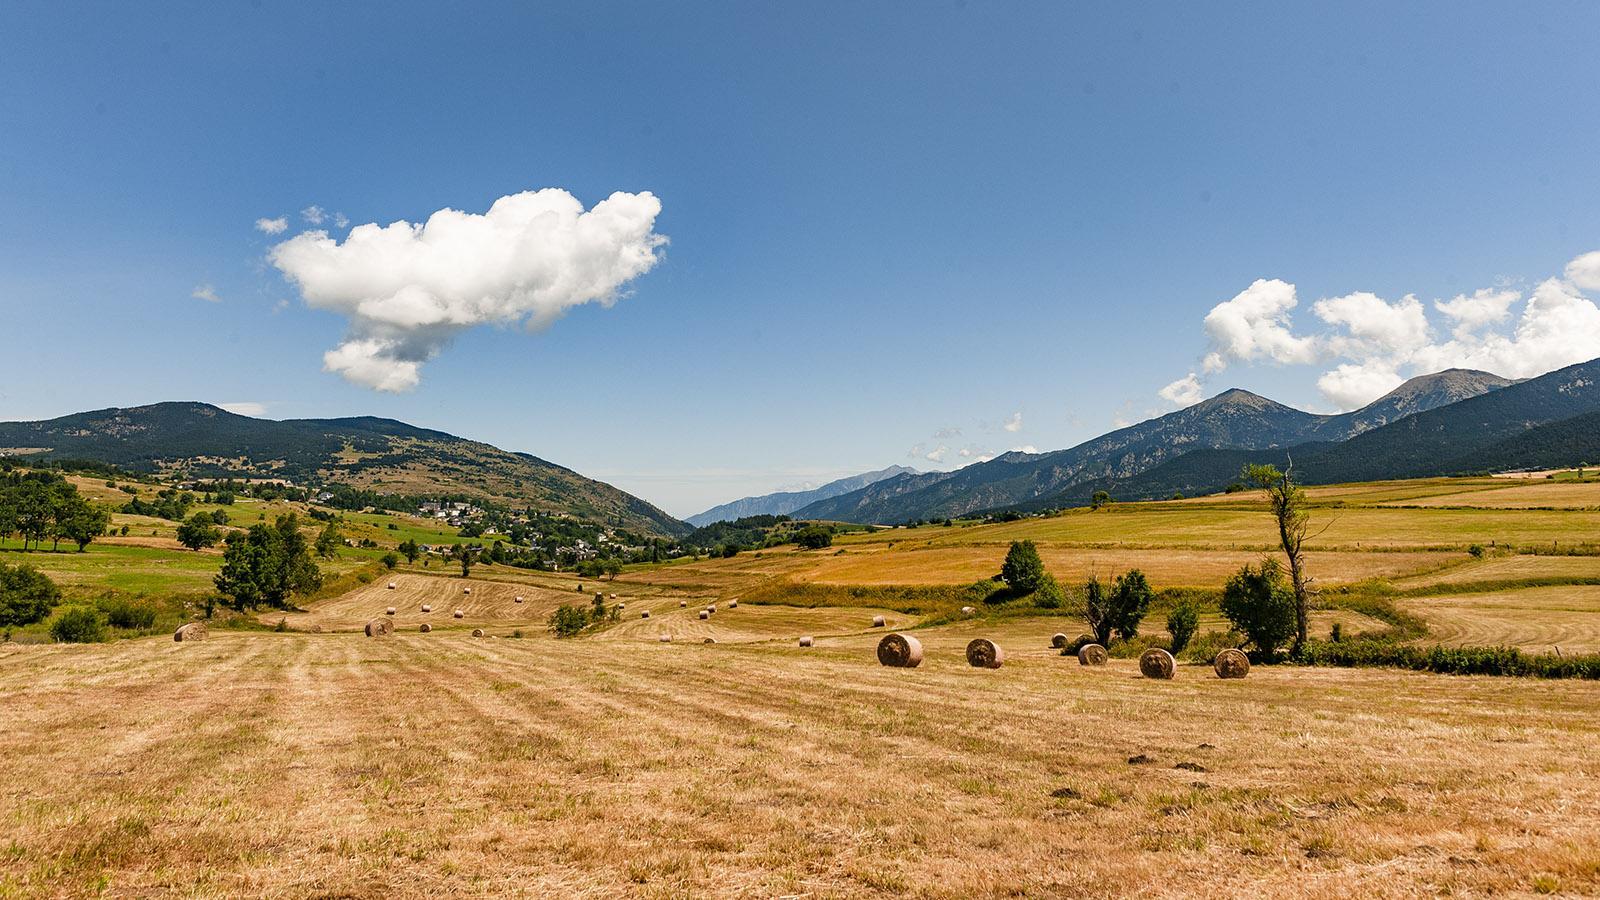 Llívai: Blick auf die Hochebene der Cerdagne. Foto: Hilke Maunder